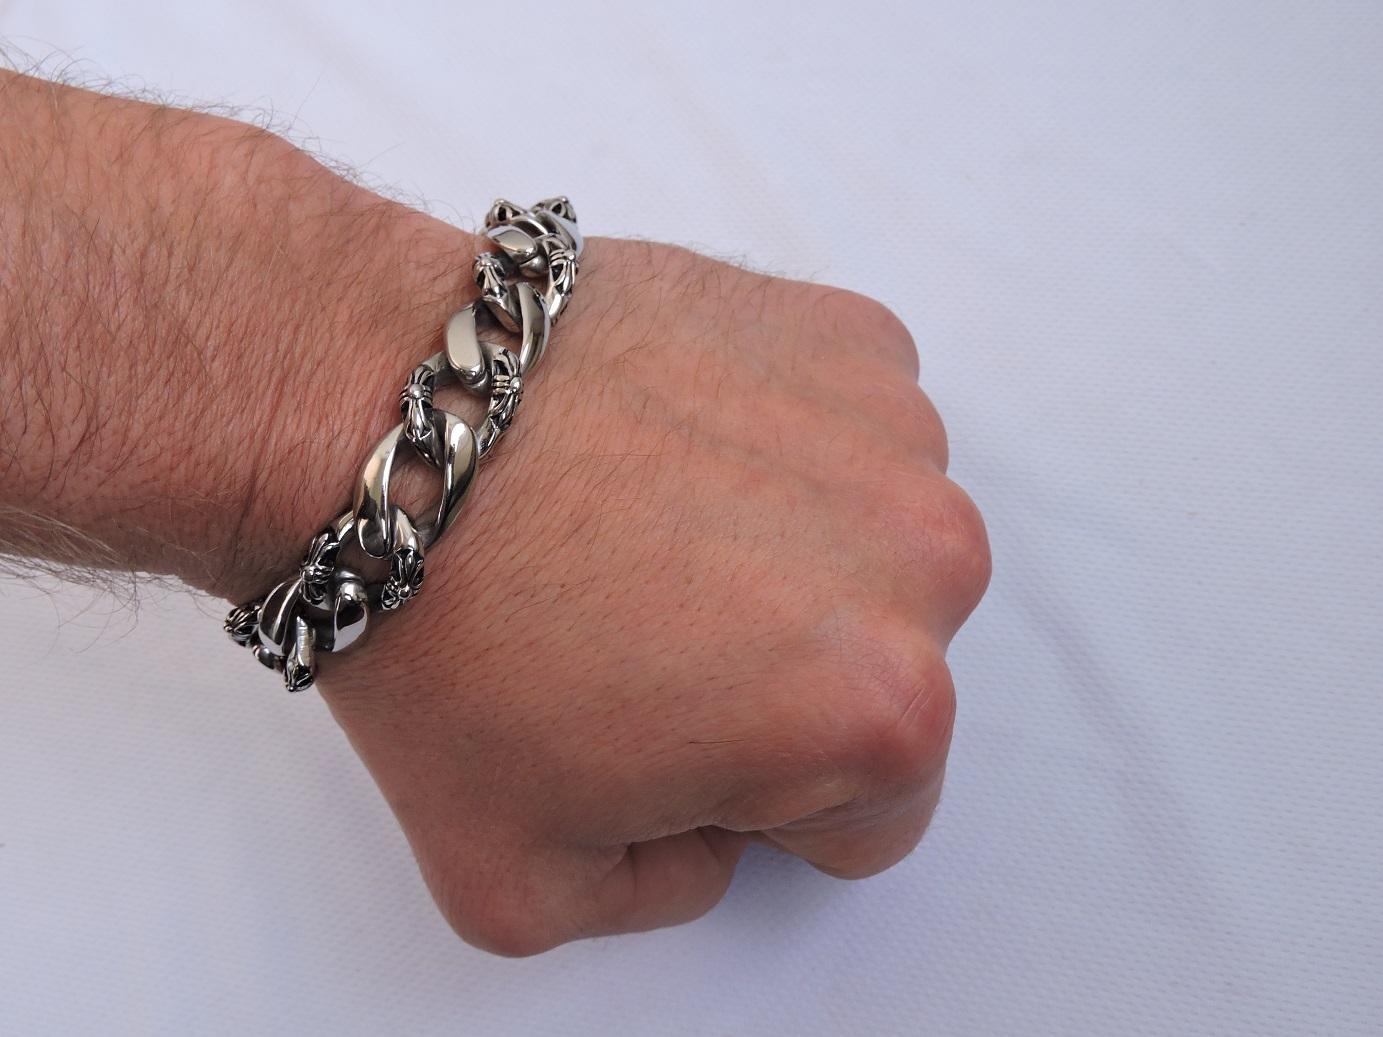 Стальной браслет мужской, подарок для мужчины на день рождения